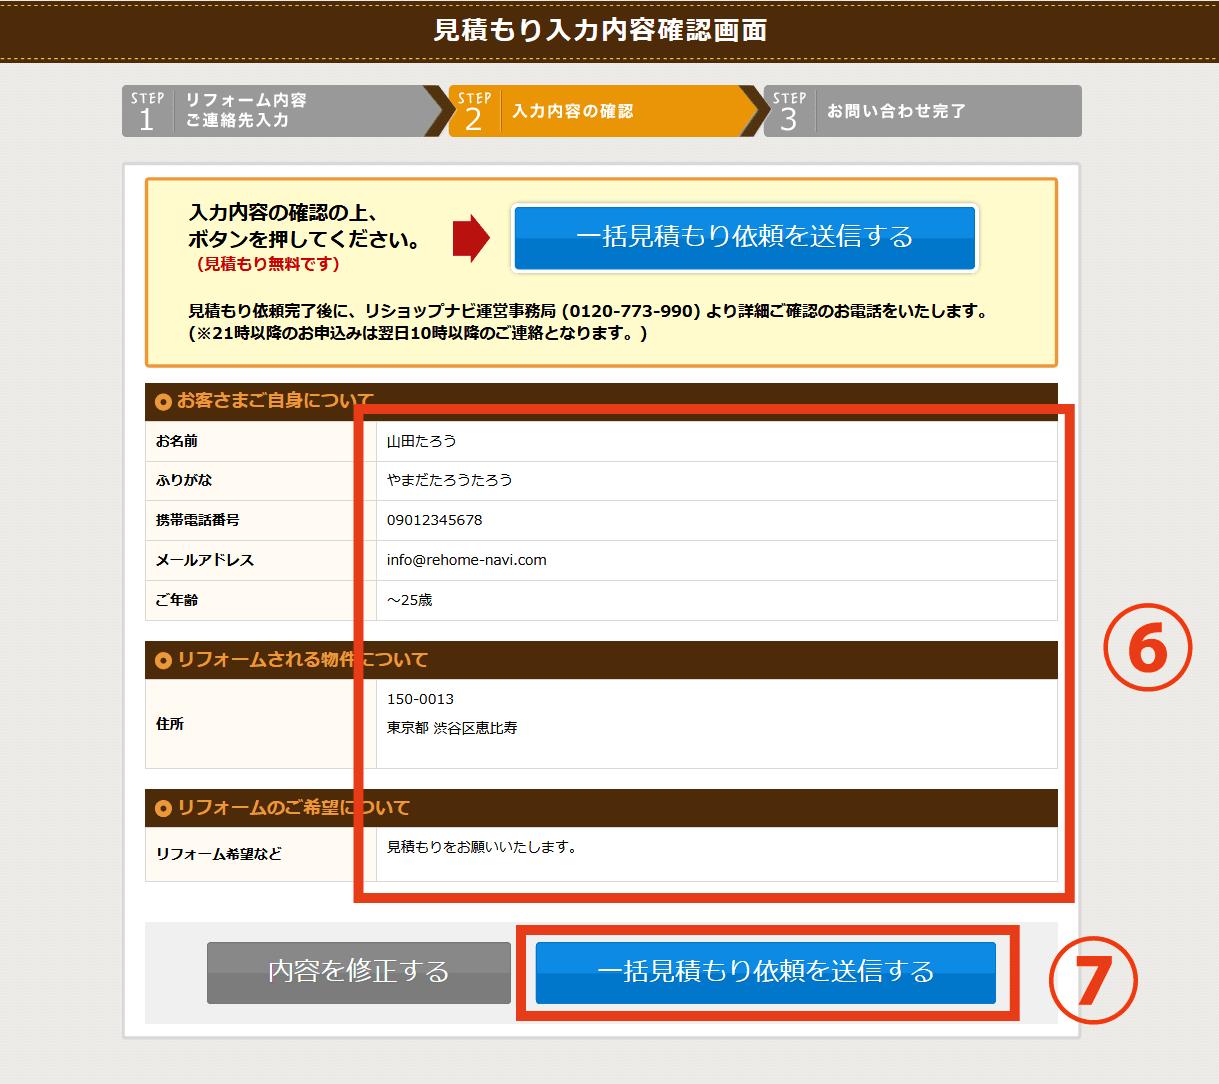 ウォシュレット取り付け屋さん:「お問い合わせ」登録方法の画像3(イメージ)